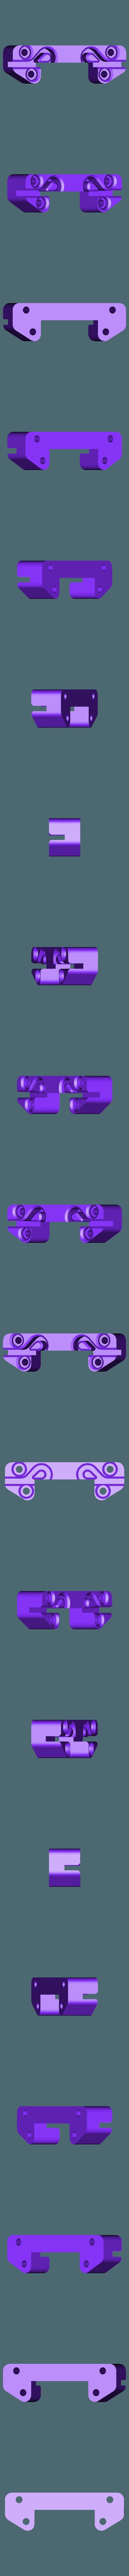 XBeltholder.stl Download free STL file Lukestruder - The E3D V6 bowden mount for prusa i3 (Anet A8) • 3D printer design, lukeskymuh